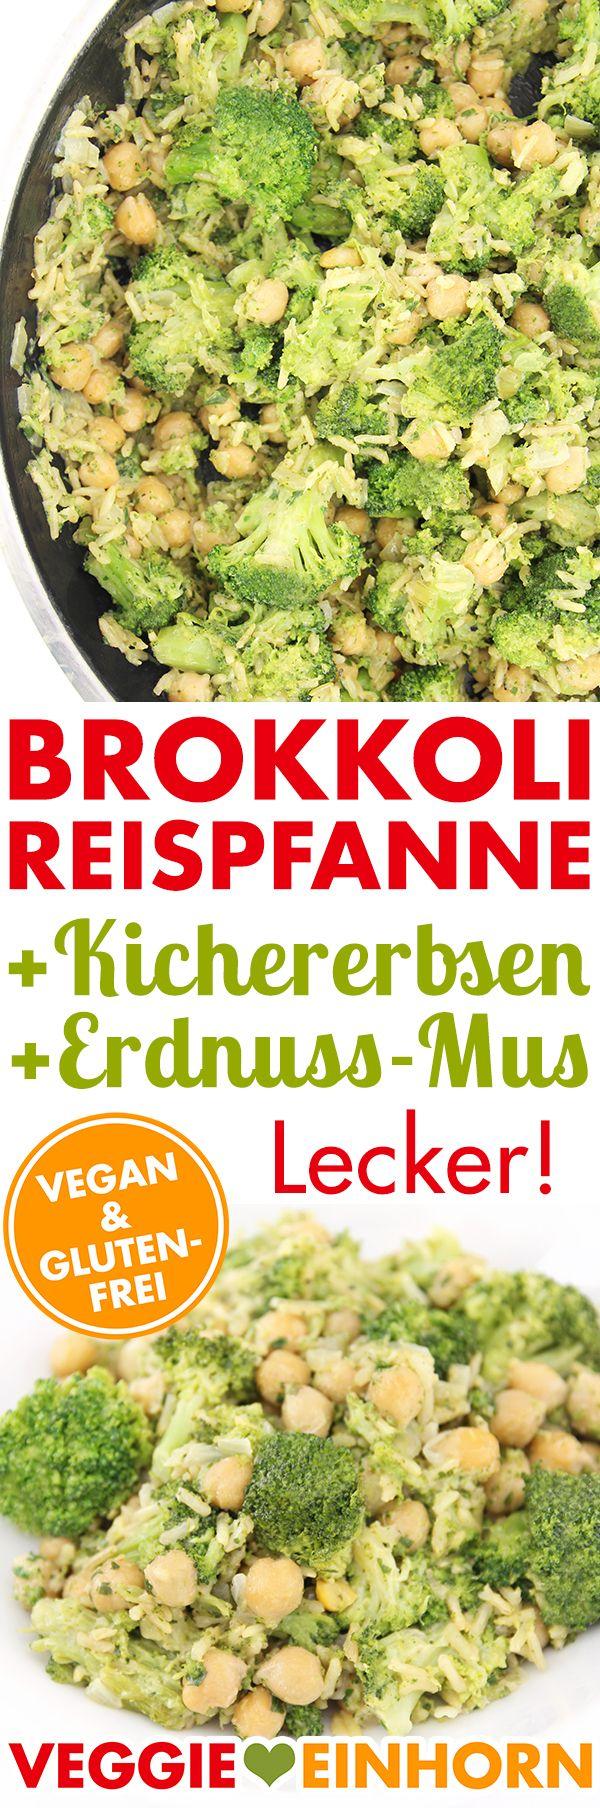 VEGAN & GLUTENFREI   Brokkoli Reispfanne mit Kichererbsen & Erdnussmus   Einfaches Rezept mit VIDEO #VeggieEinhorn